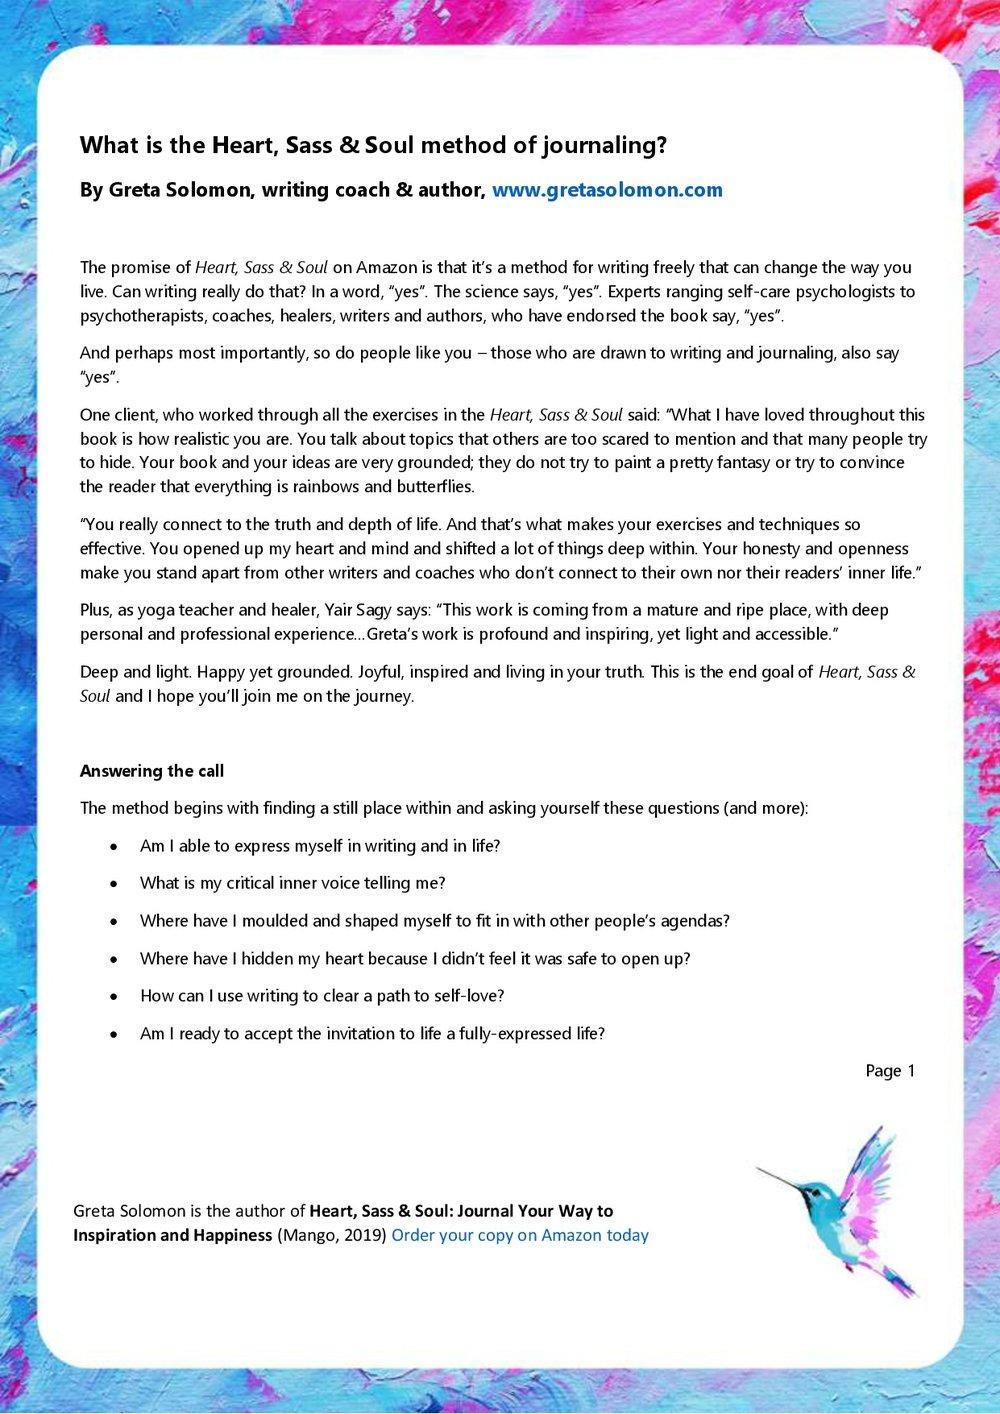 The Heart_Sass_Soul method of journaling.jpg